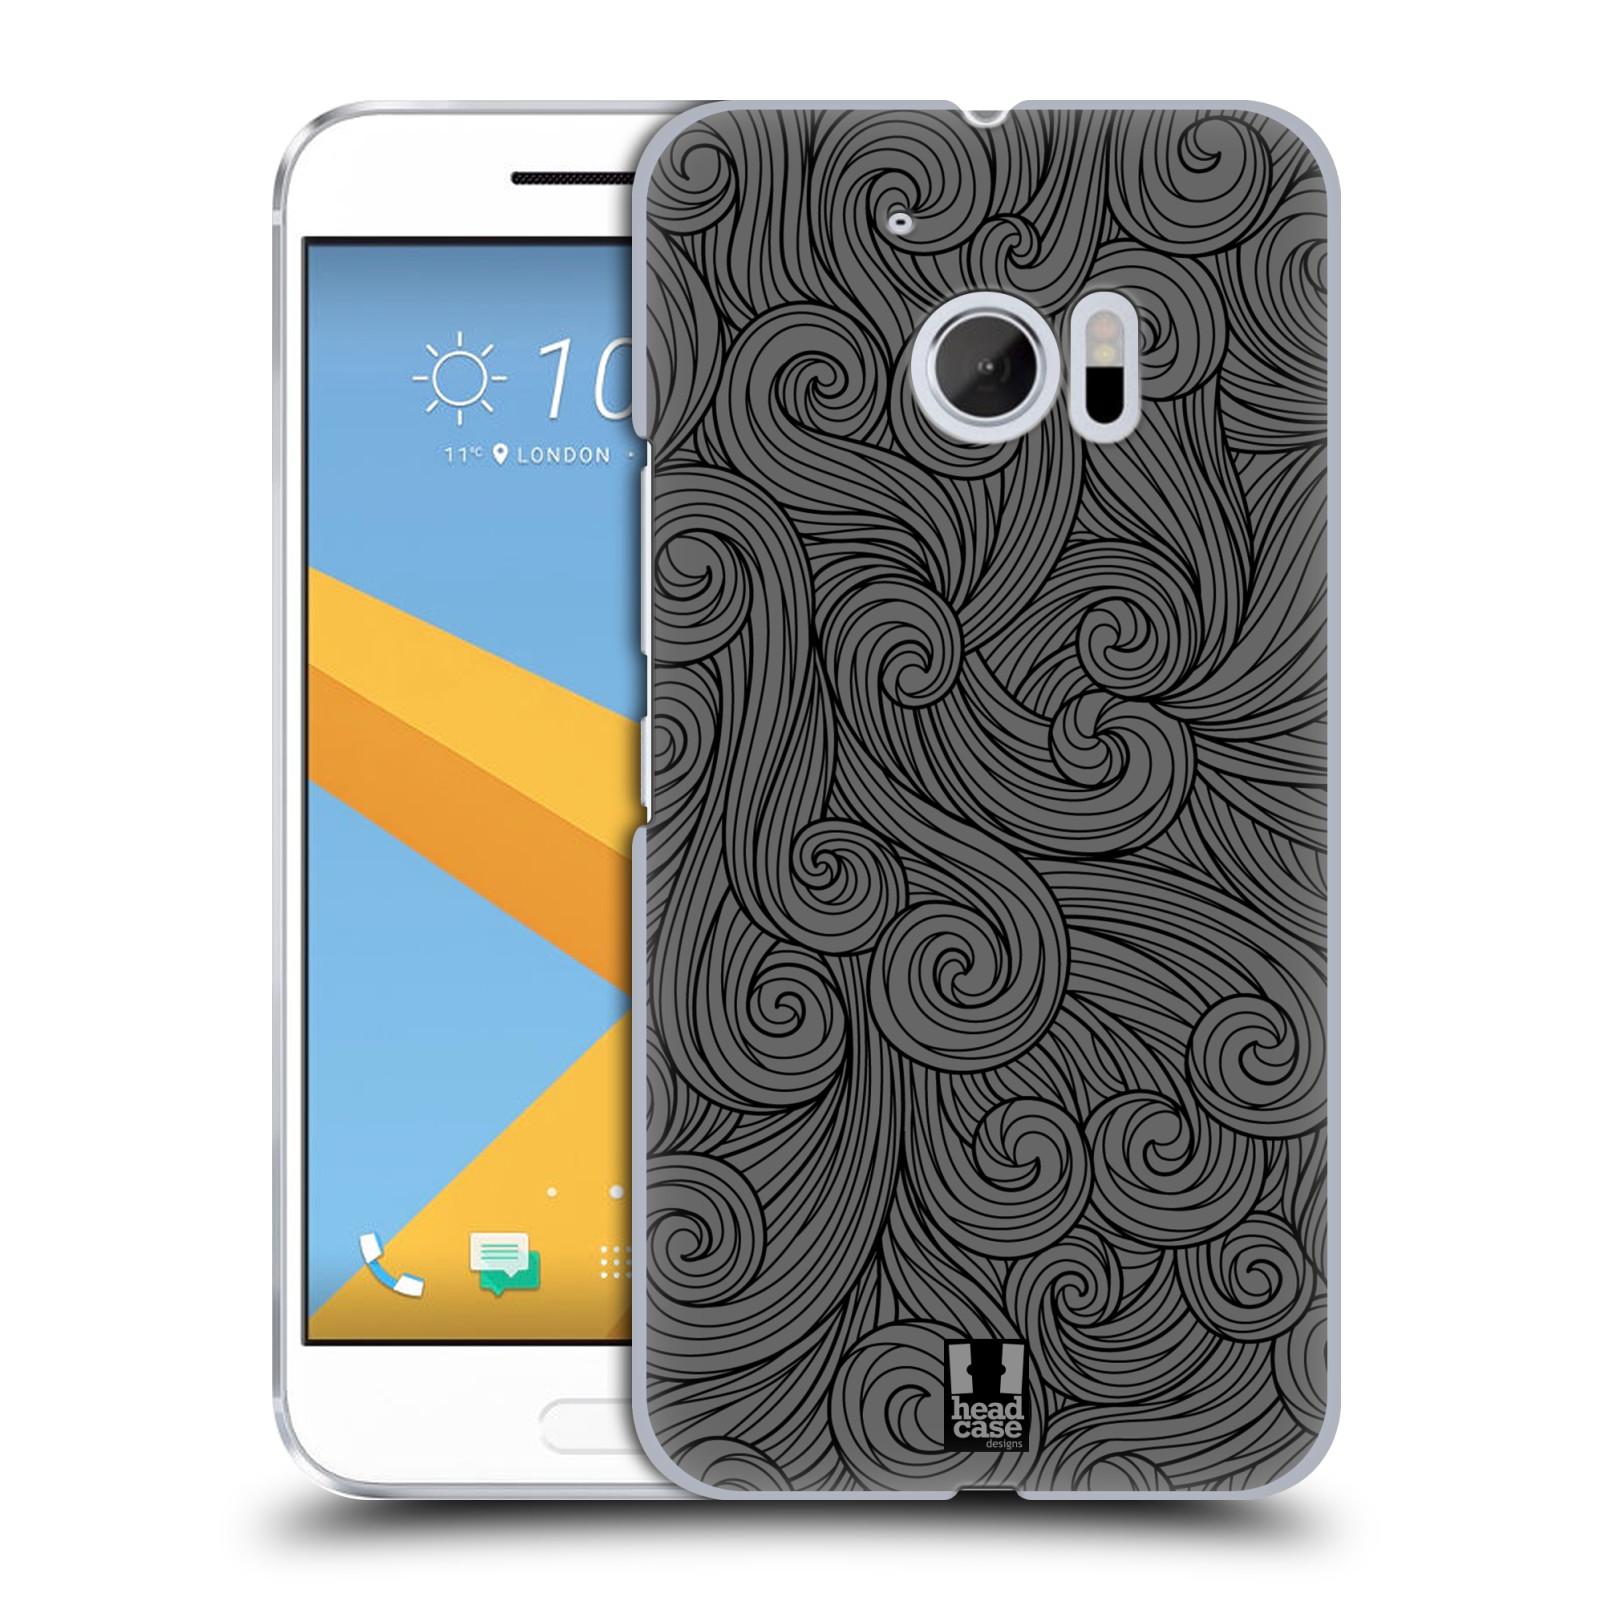 Plastové pouzdro na mobil HTC One 10 - Head Case - Dark Grey Swirls (Plastový kryt či obal na mobilní telefon HTC One 10 (M10))